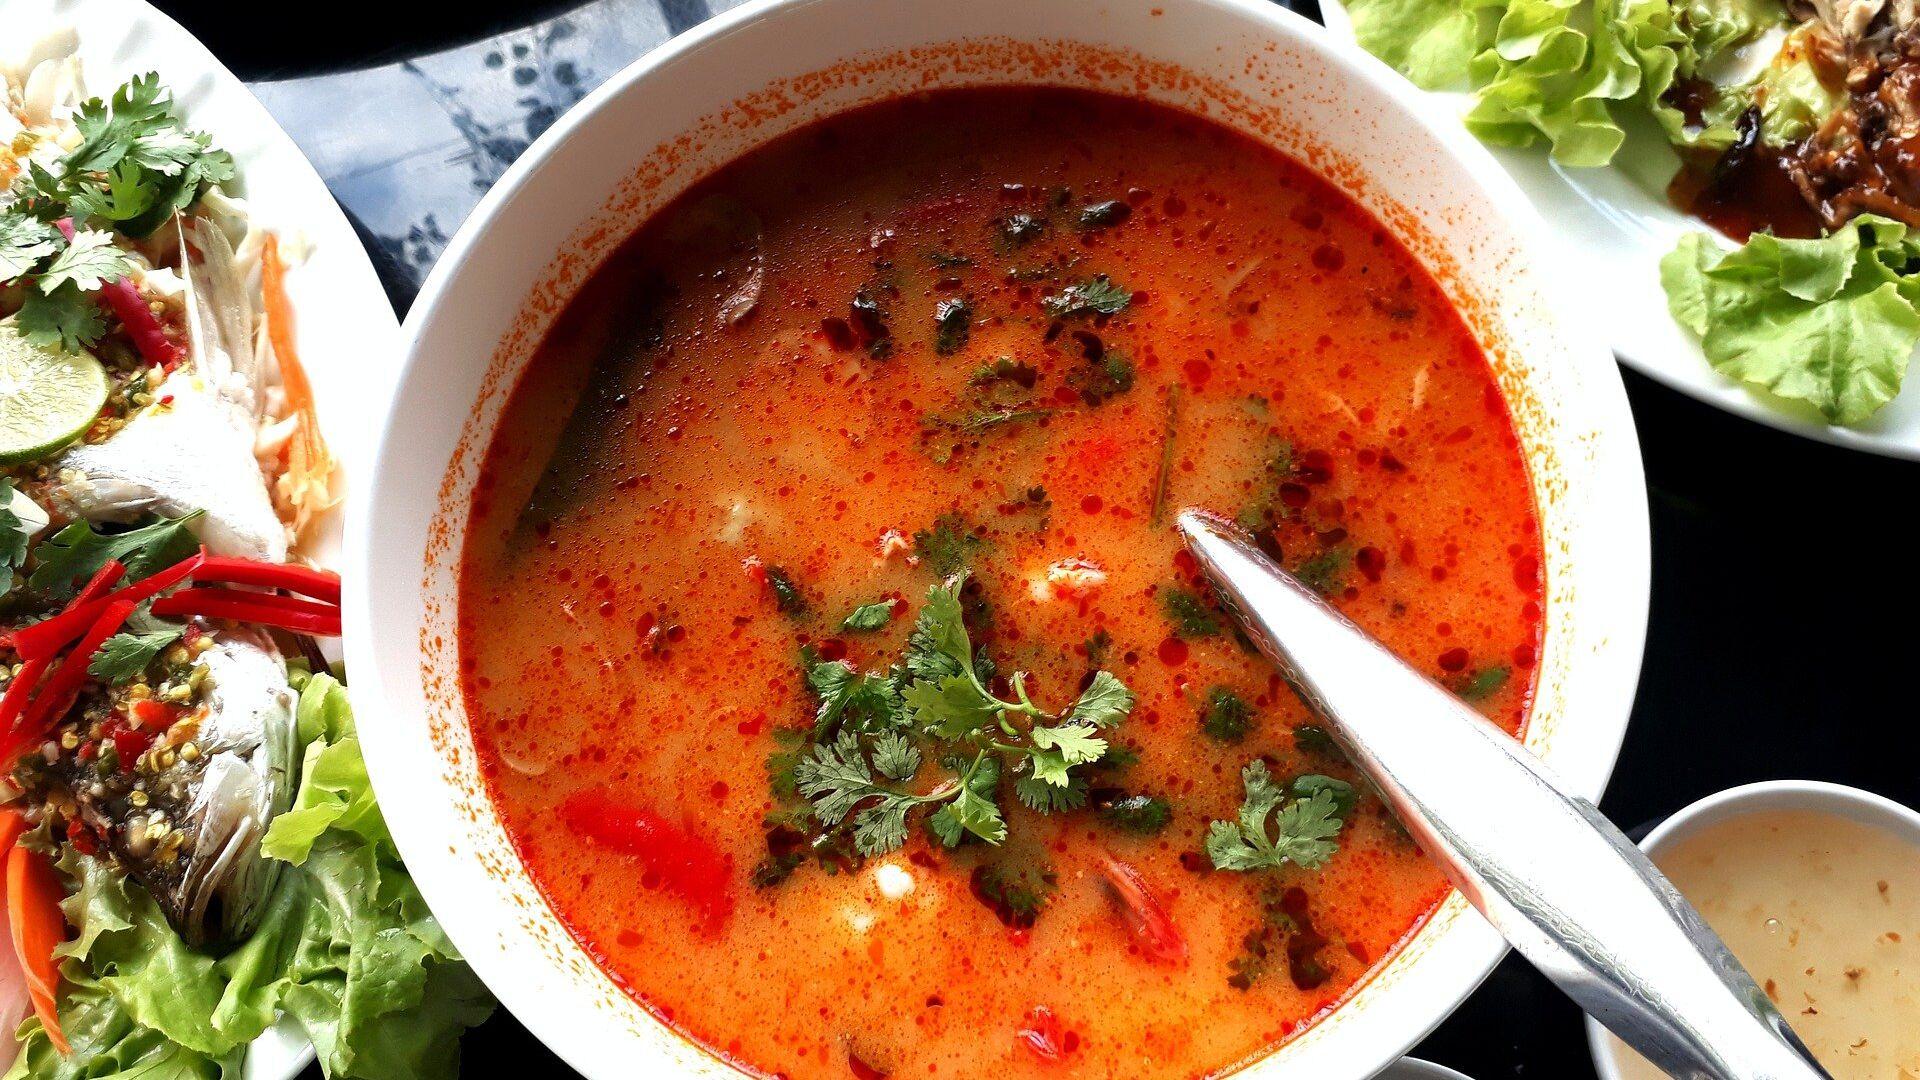 Η ταϊλανδέζικη σούπα tom yum - Sputnik Ελλάδα, 1920, 06.10.2021